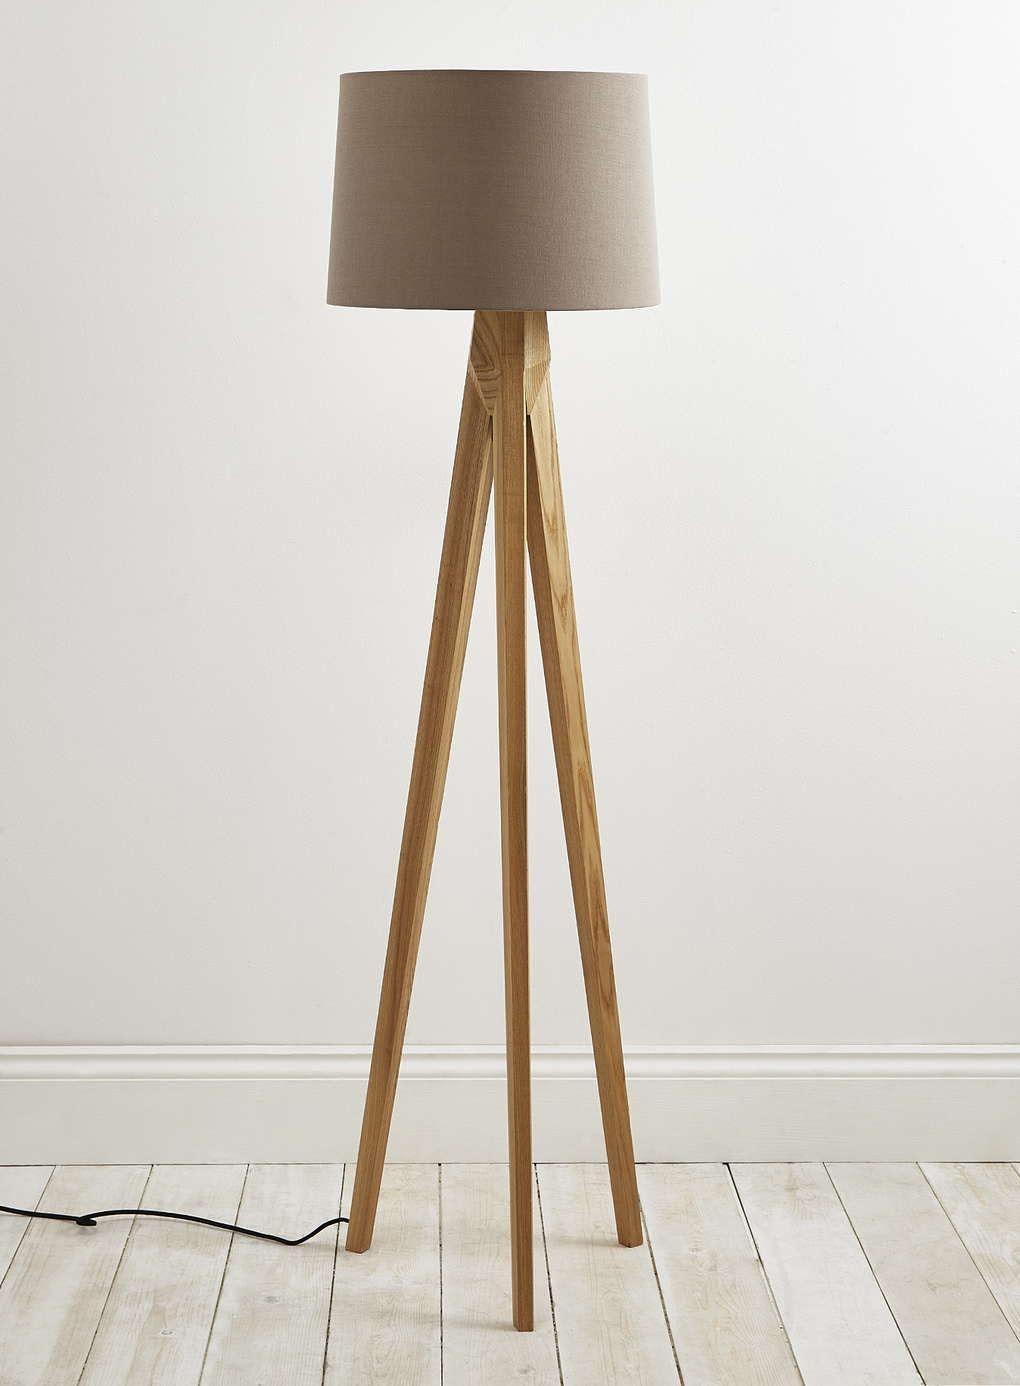 Tripod Floor Lamp Wooden Legs Wooden Floor Lamps Floor Lamp Styles Floor Lamp